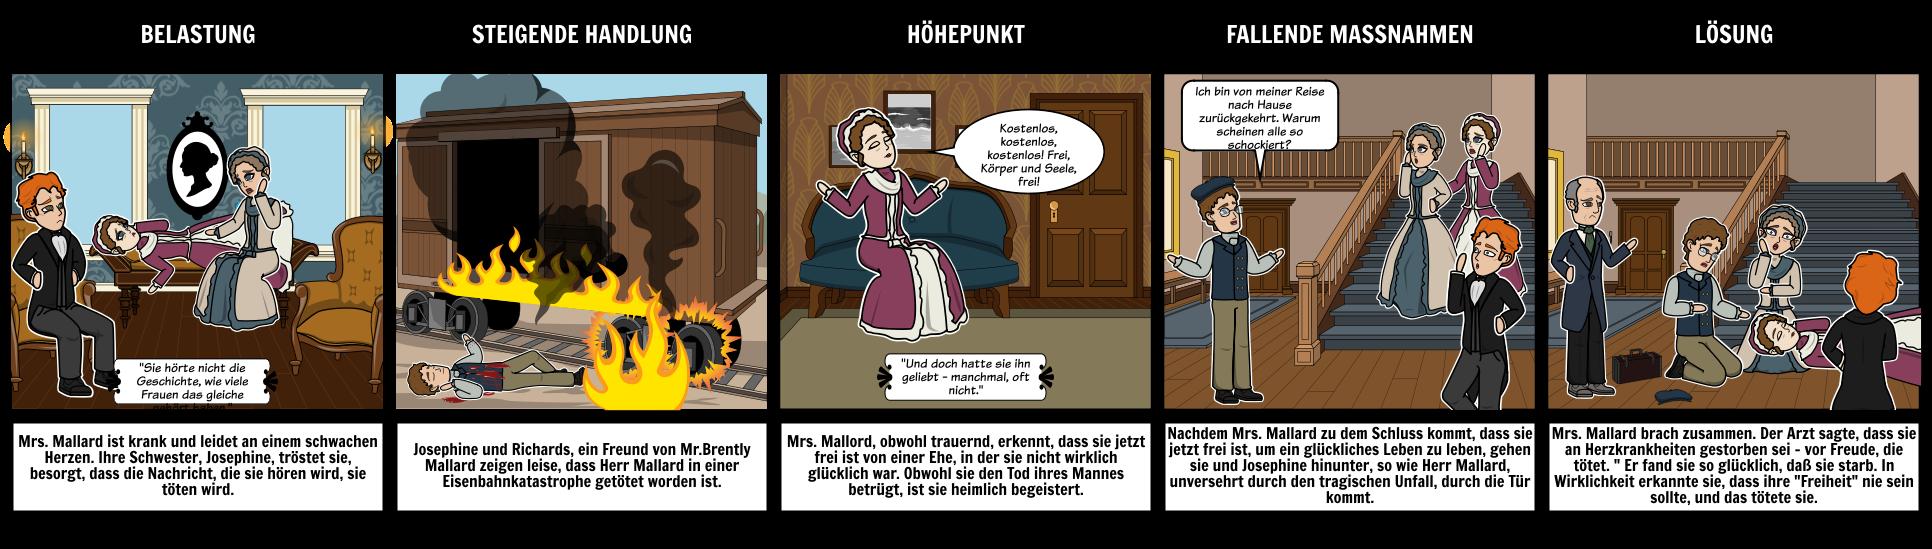 Die Geschichte Einer Stunde von Kate Chopin Zusammenfassung & Analyse